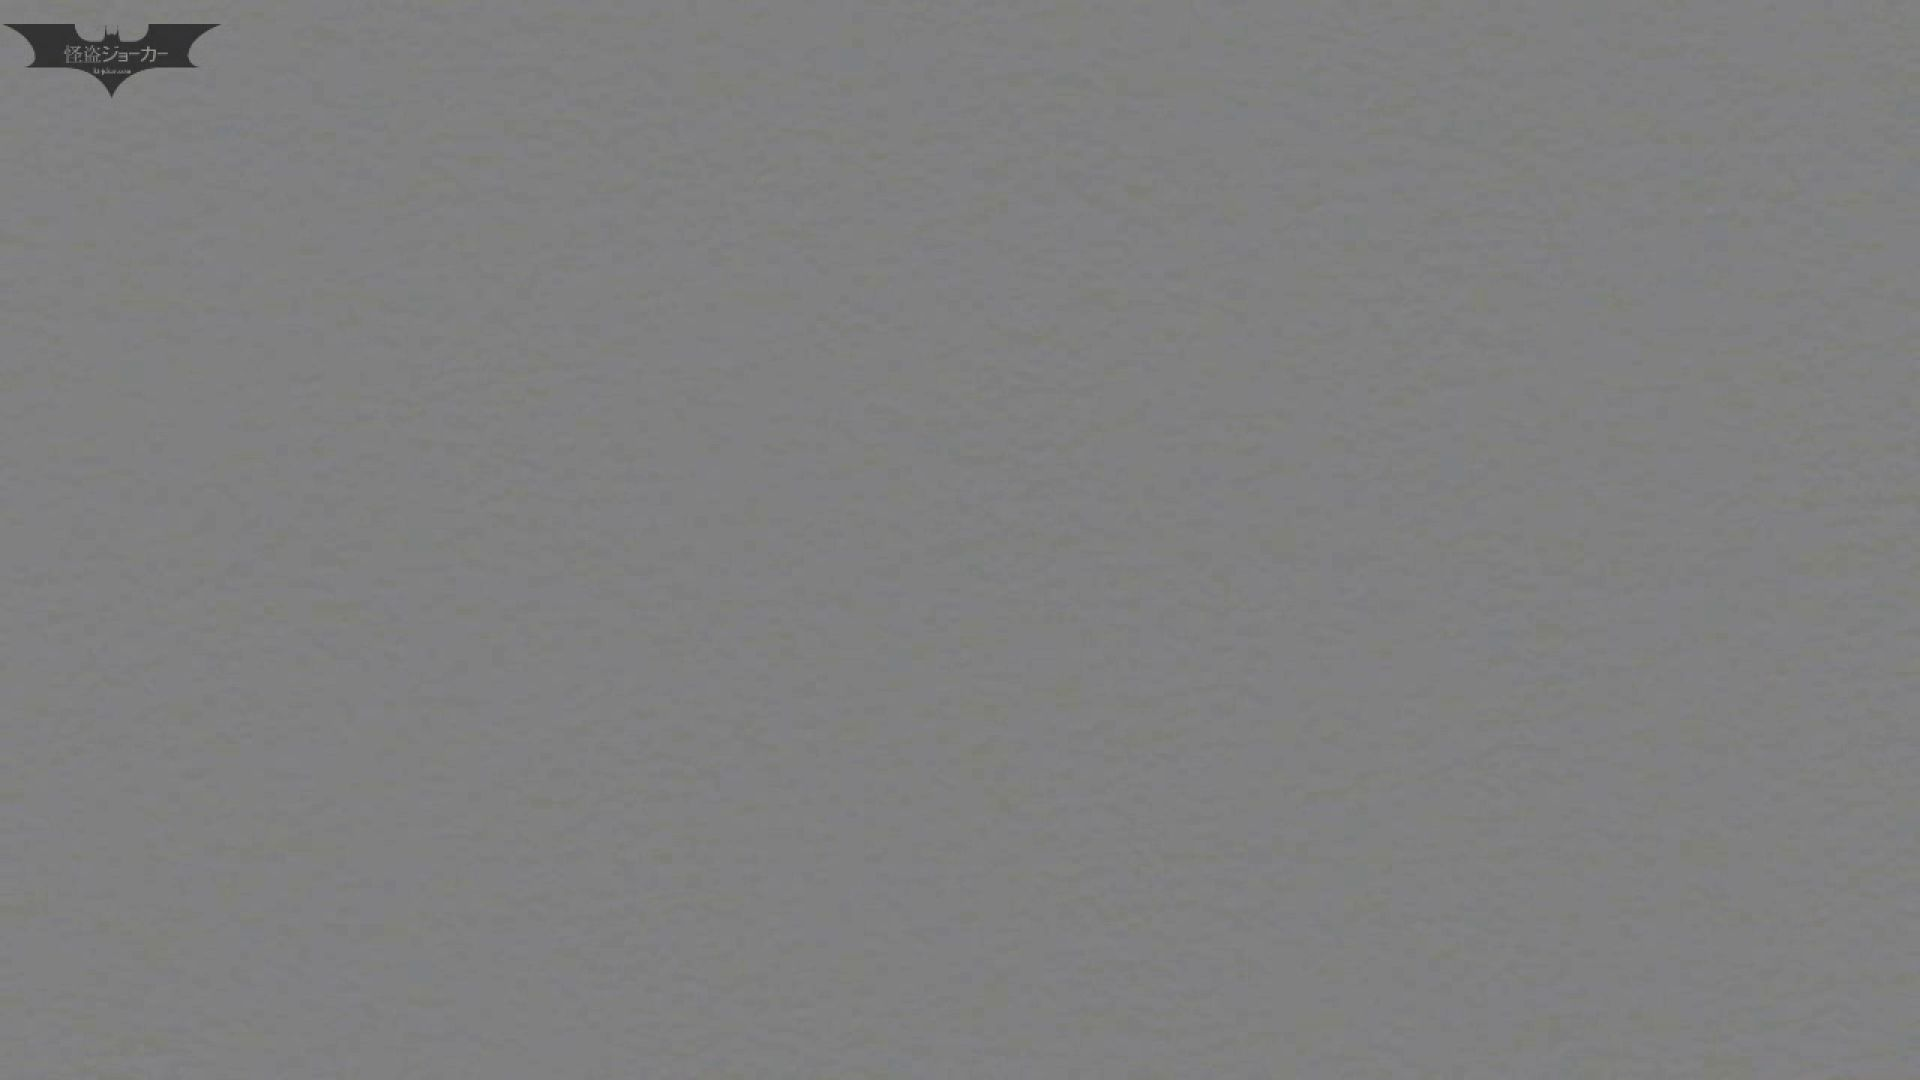 新世界の射窓 No61来ました!「ビジョビジョ」の美女達が・・・ 高画質 | お姉さんのSEX  104枚 57